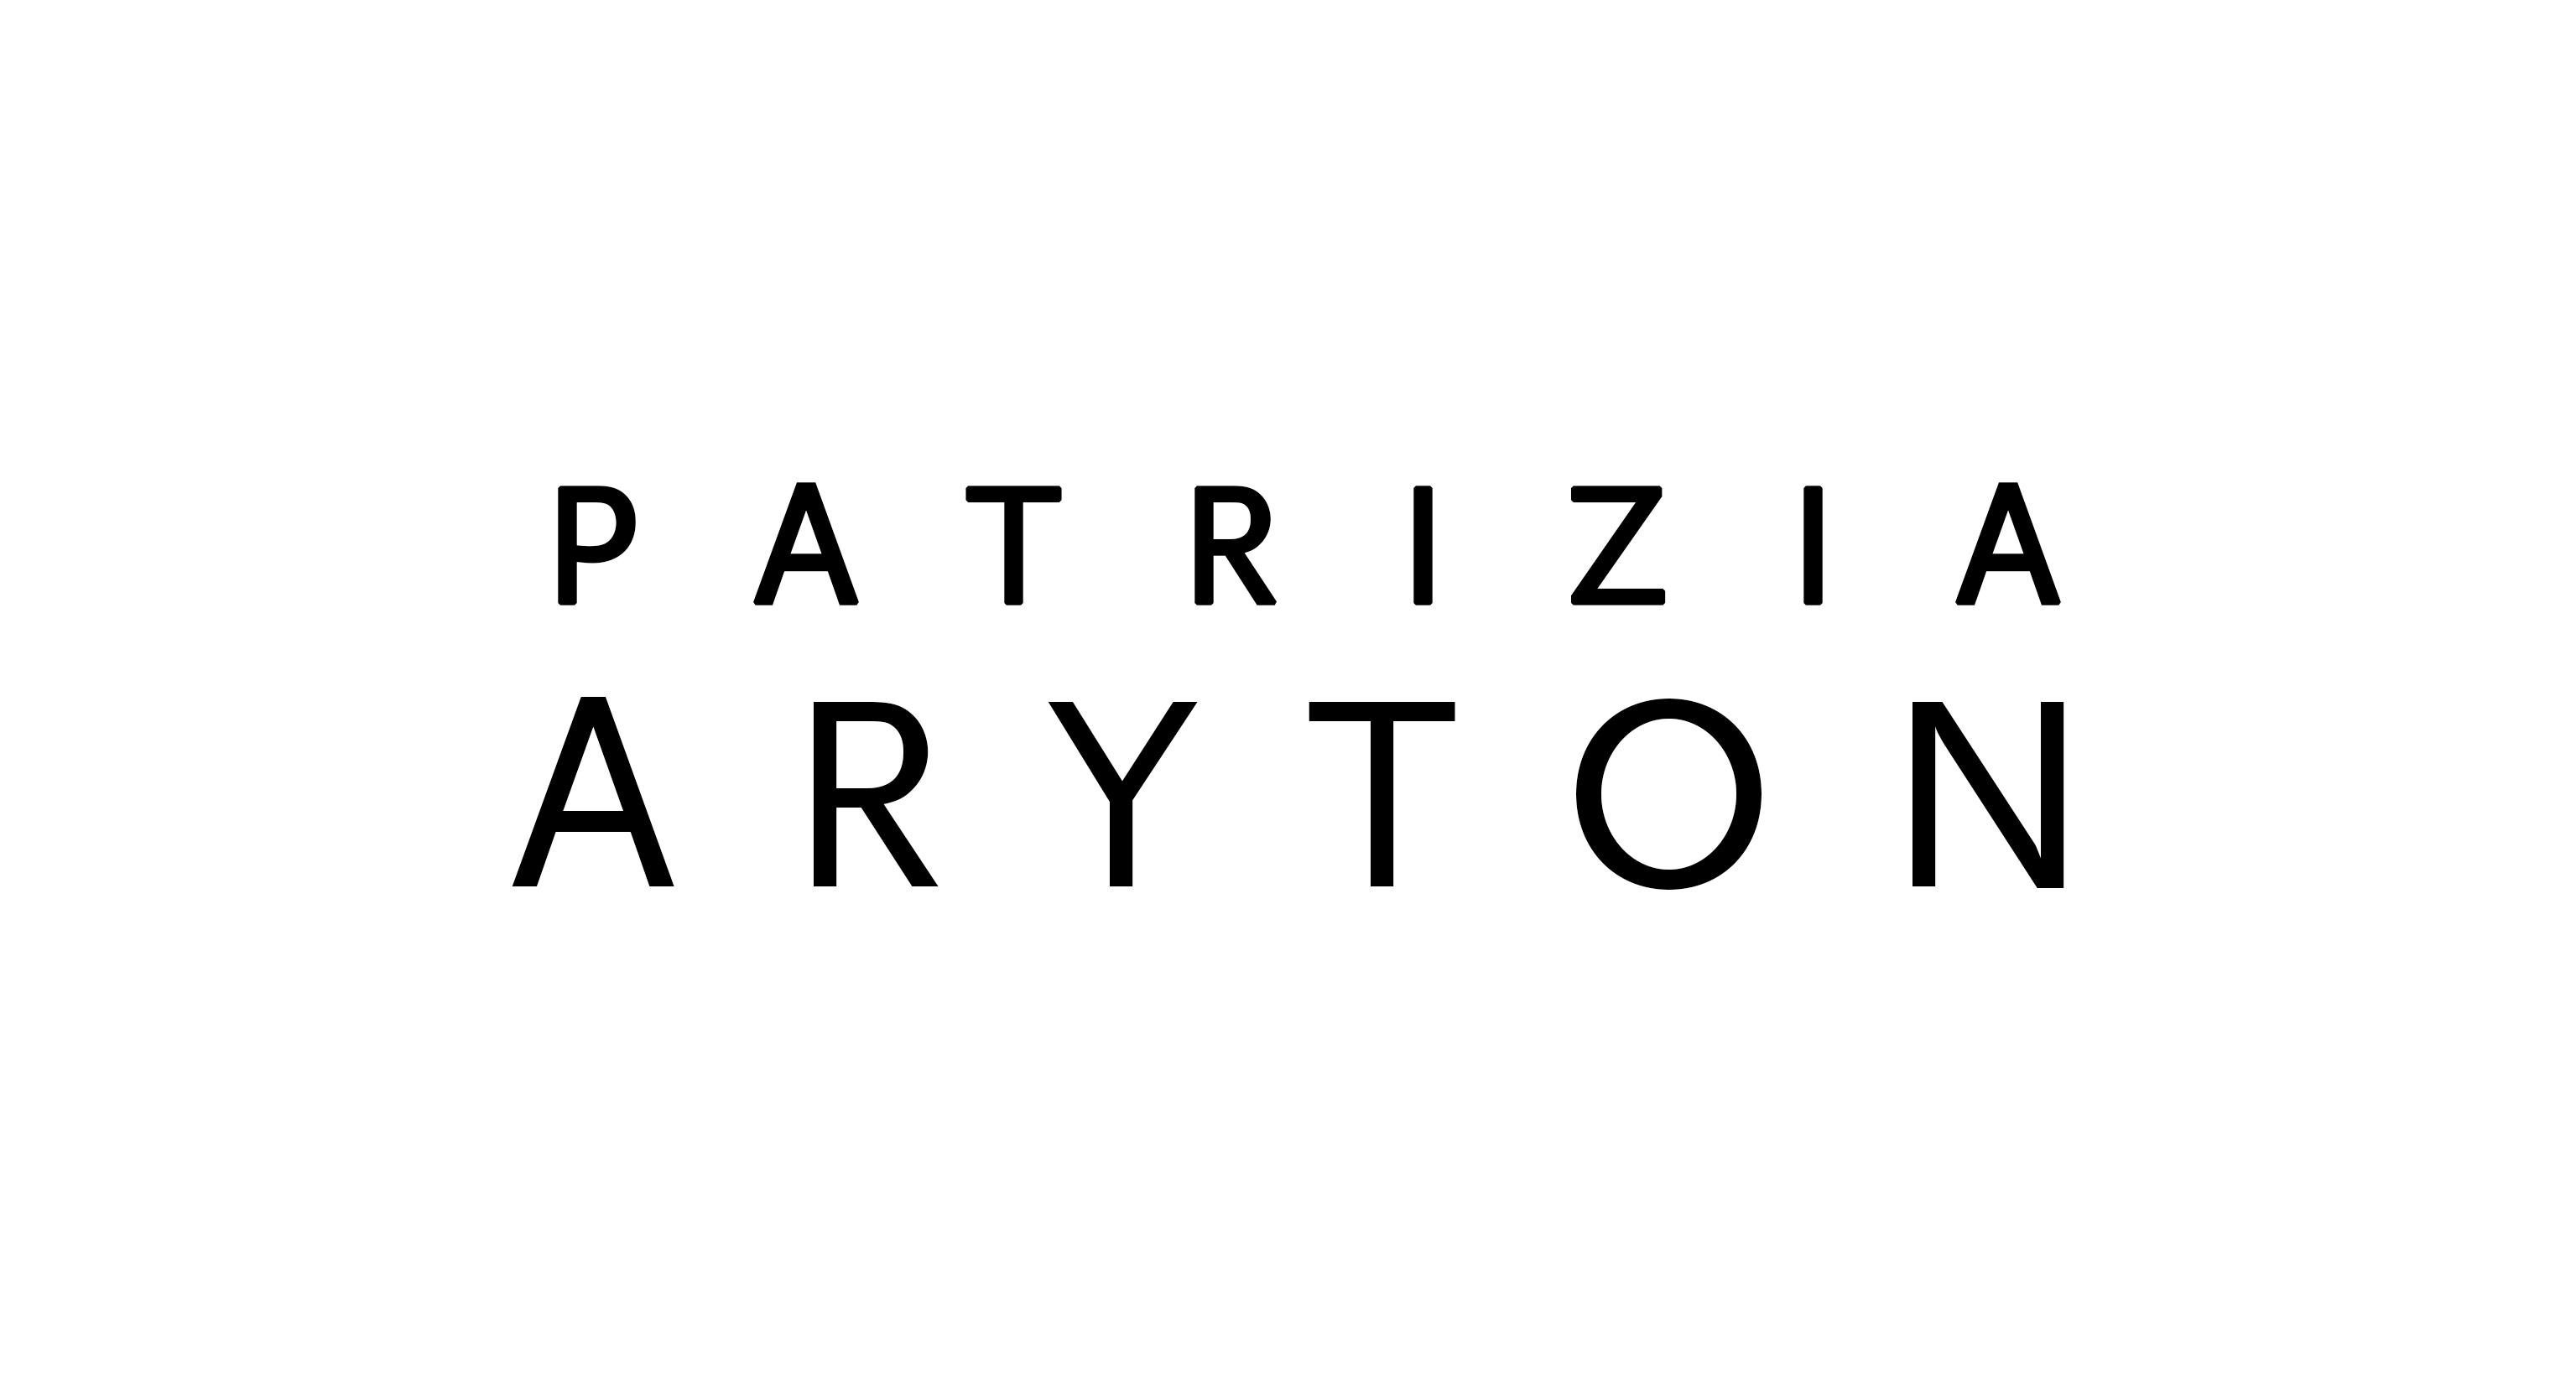 Patryzia Aryton